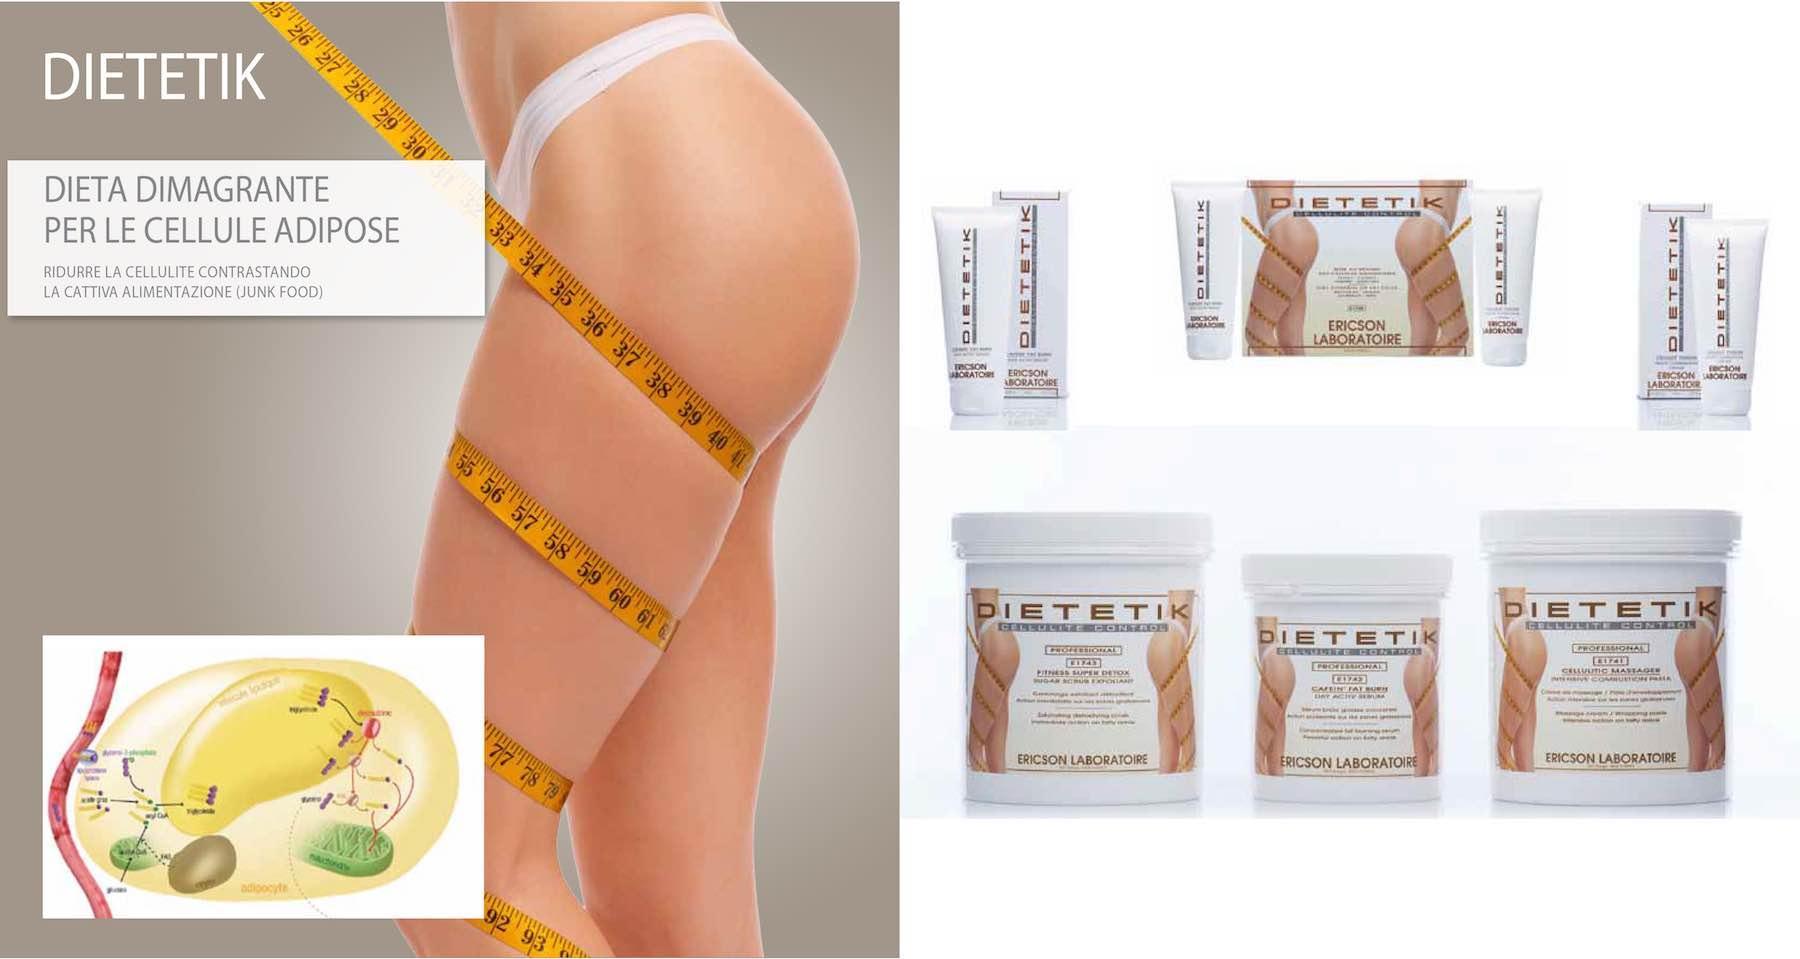 Jerà Beauty - Body - Ericson - Laboratoire-dietetik